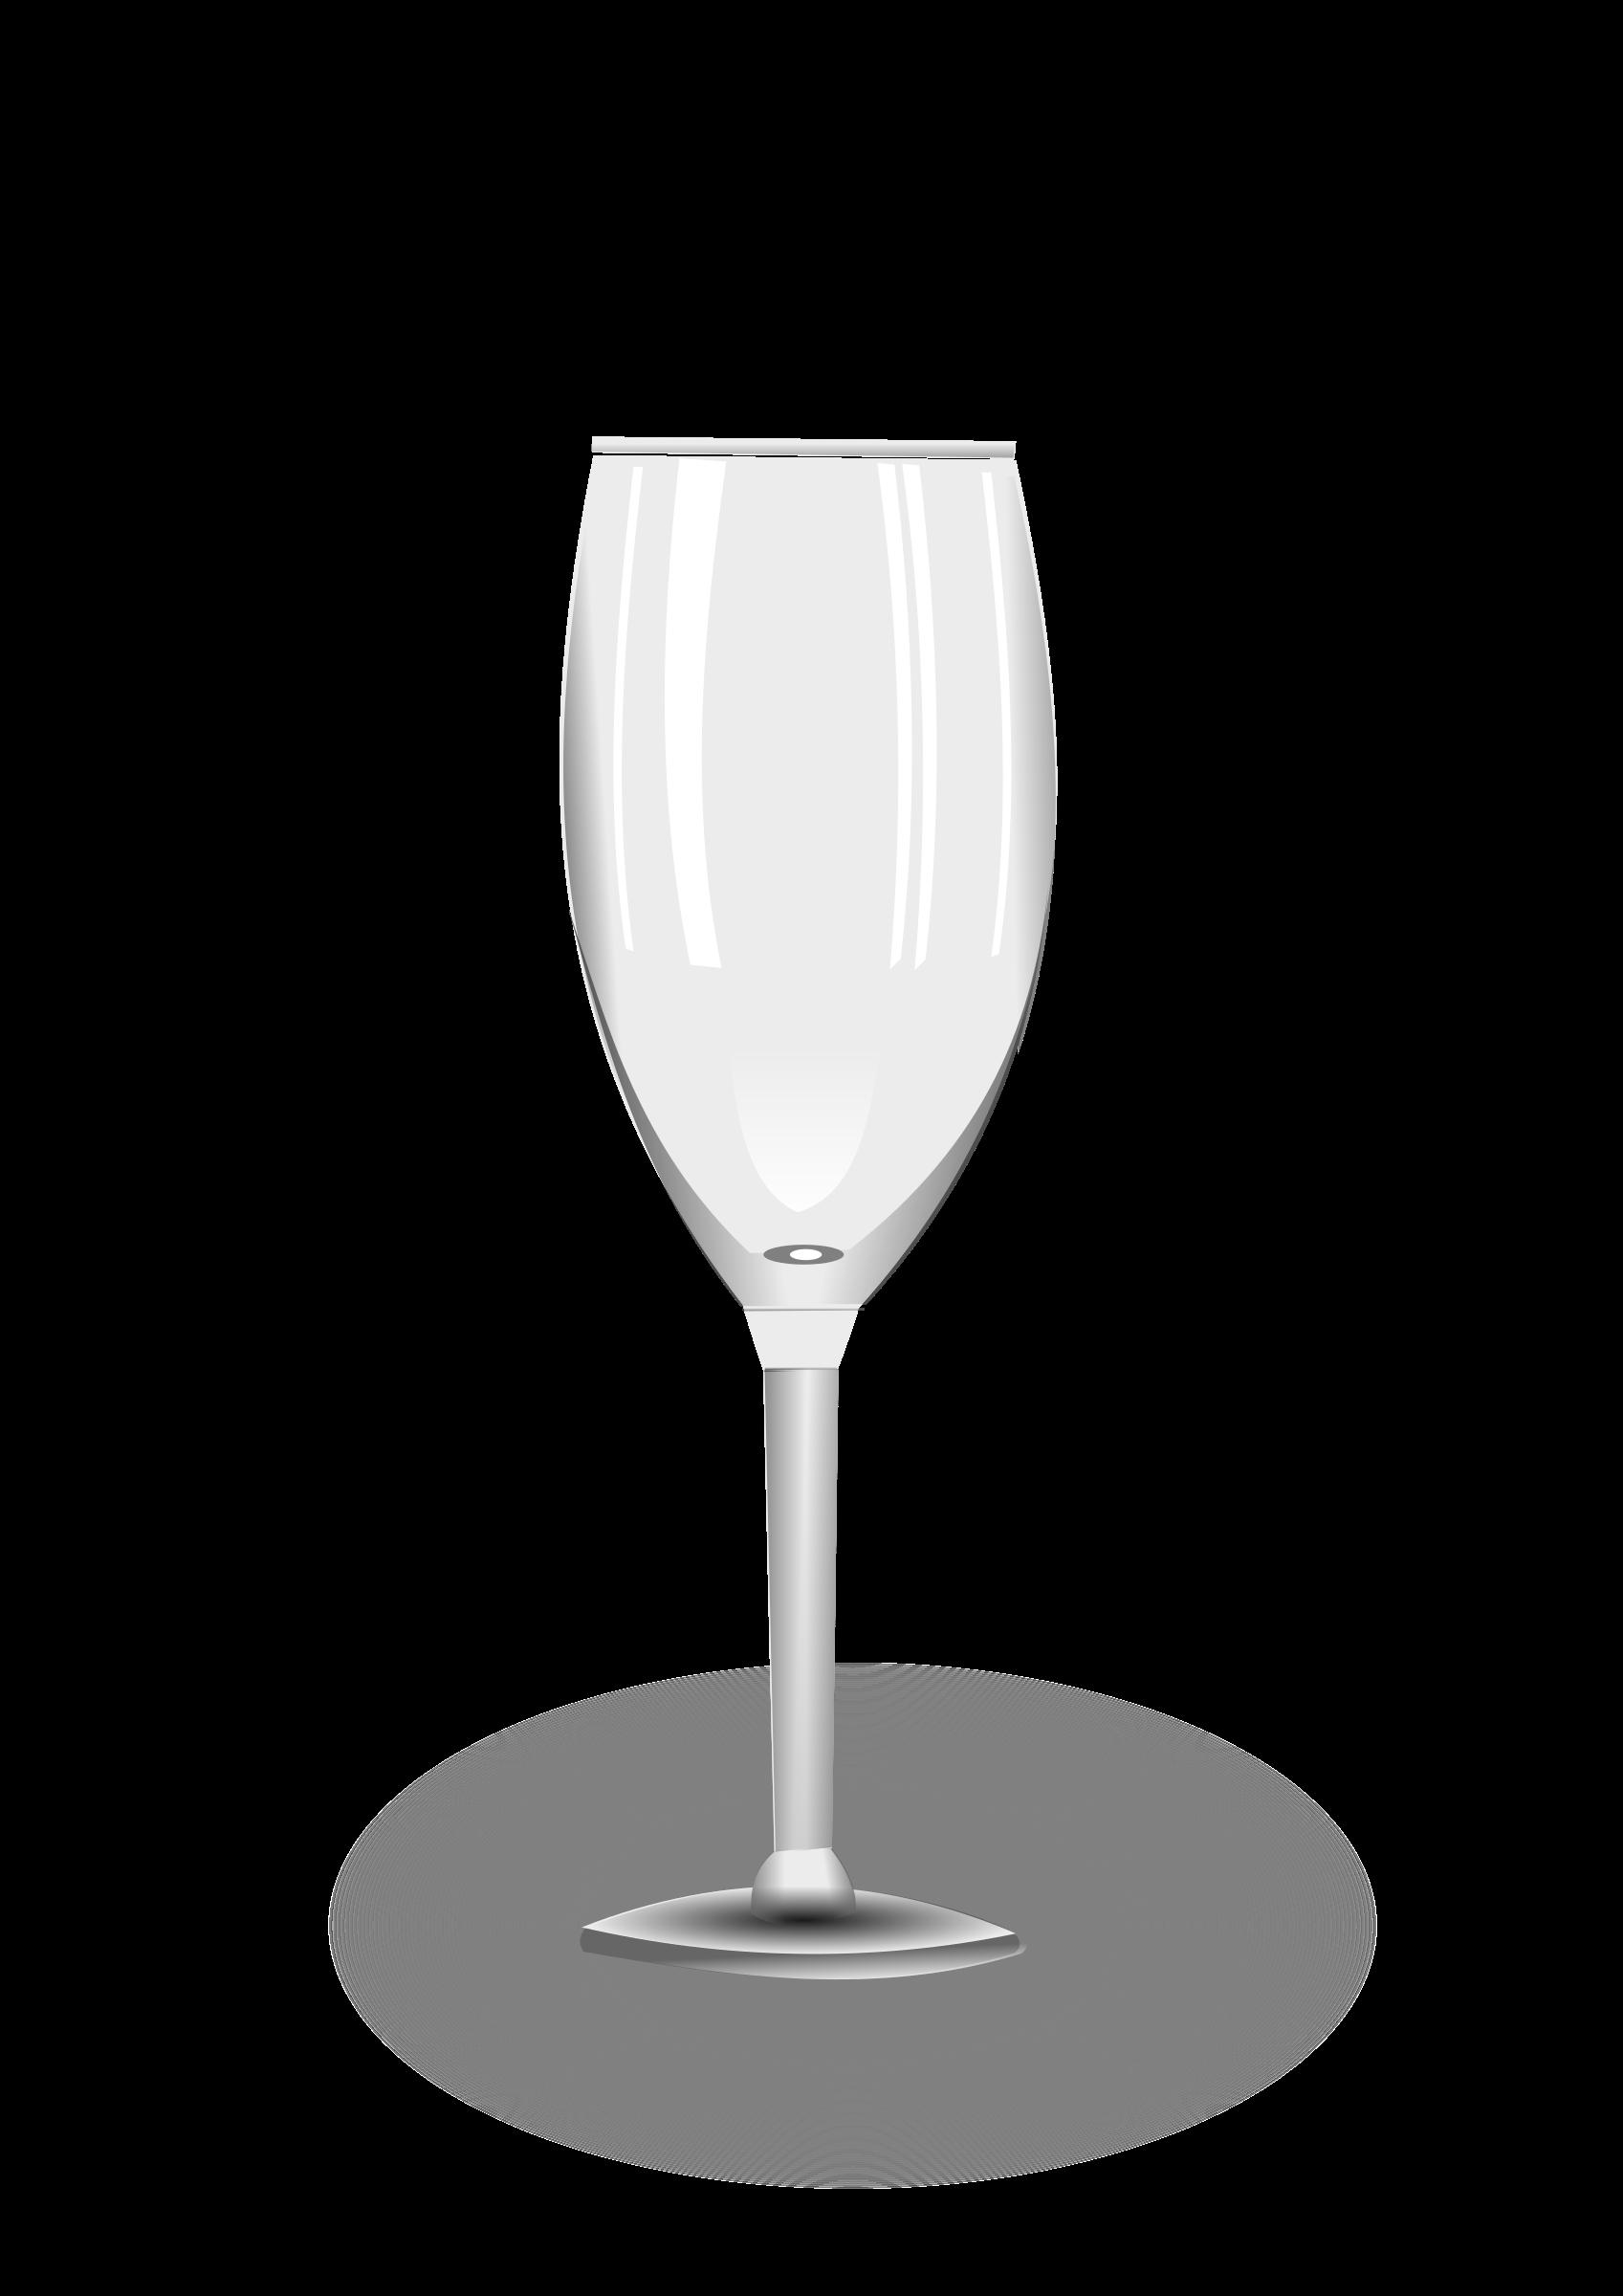 Wine clipart empty glass Glass hatalar205 wine by wine